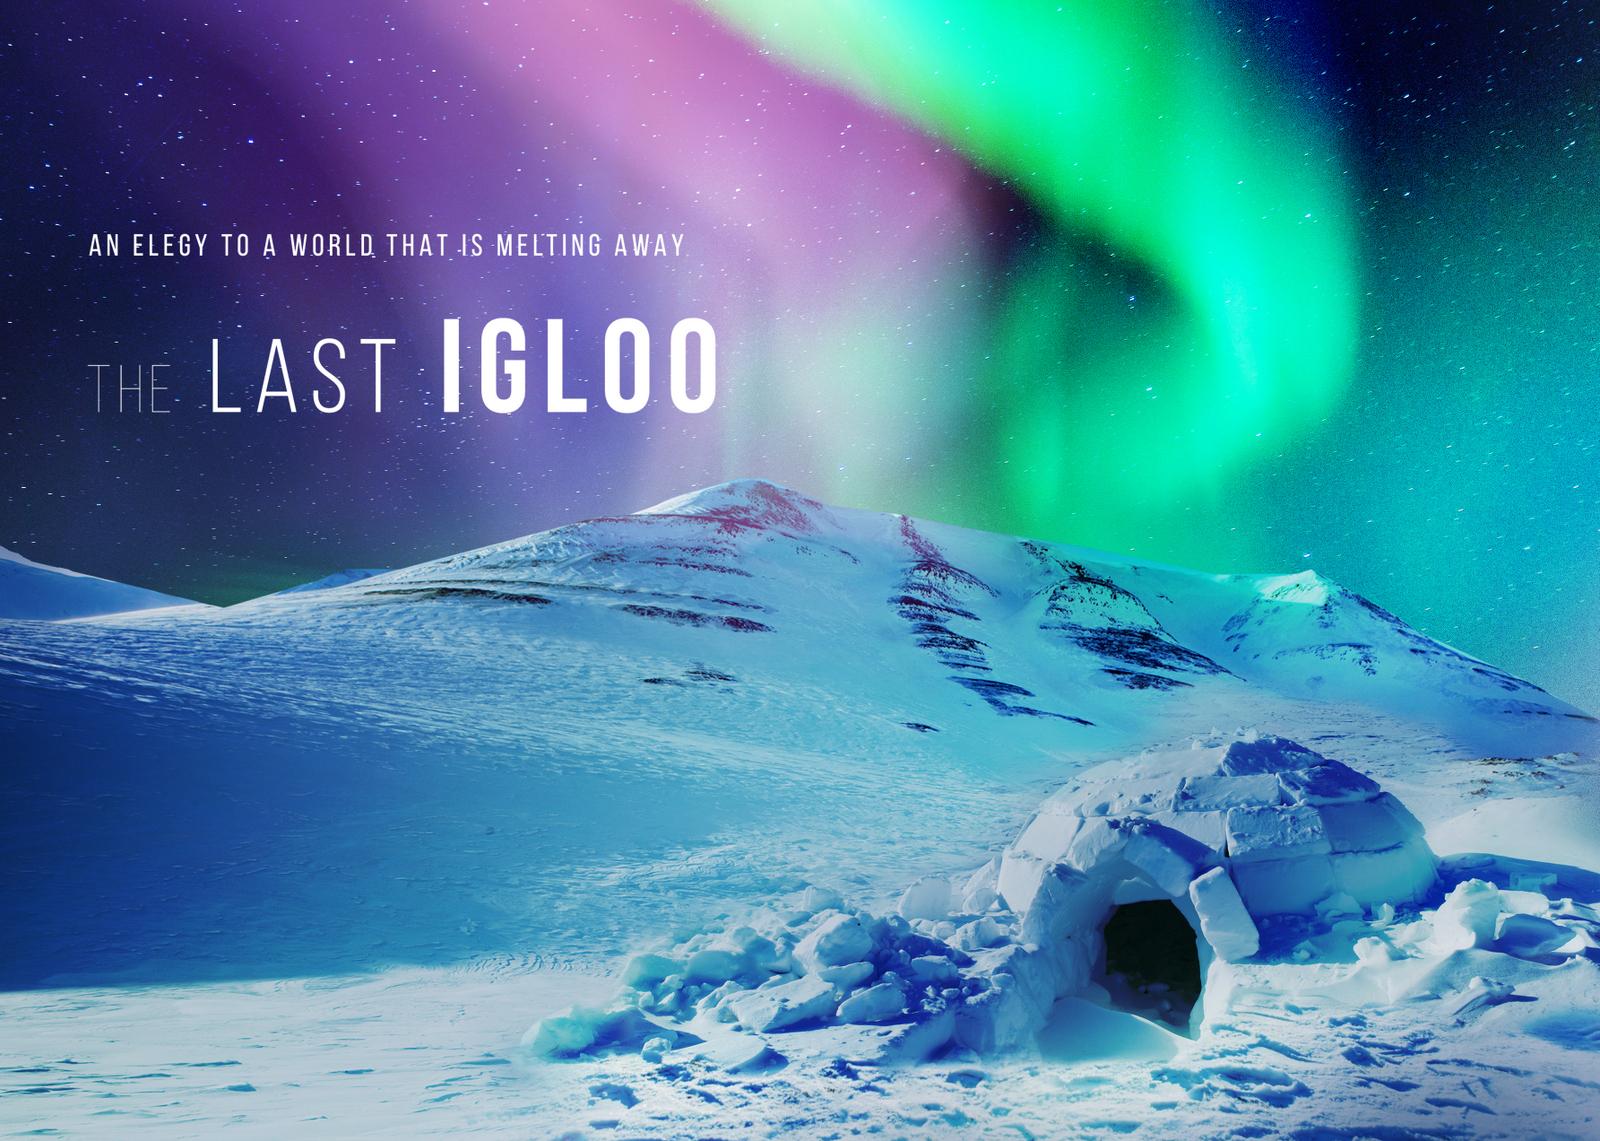 The Last Igloo.jpg